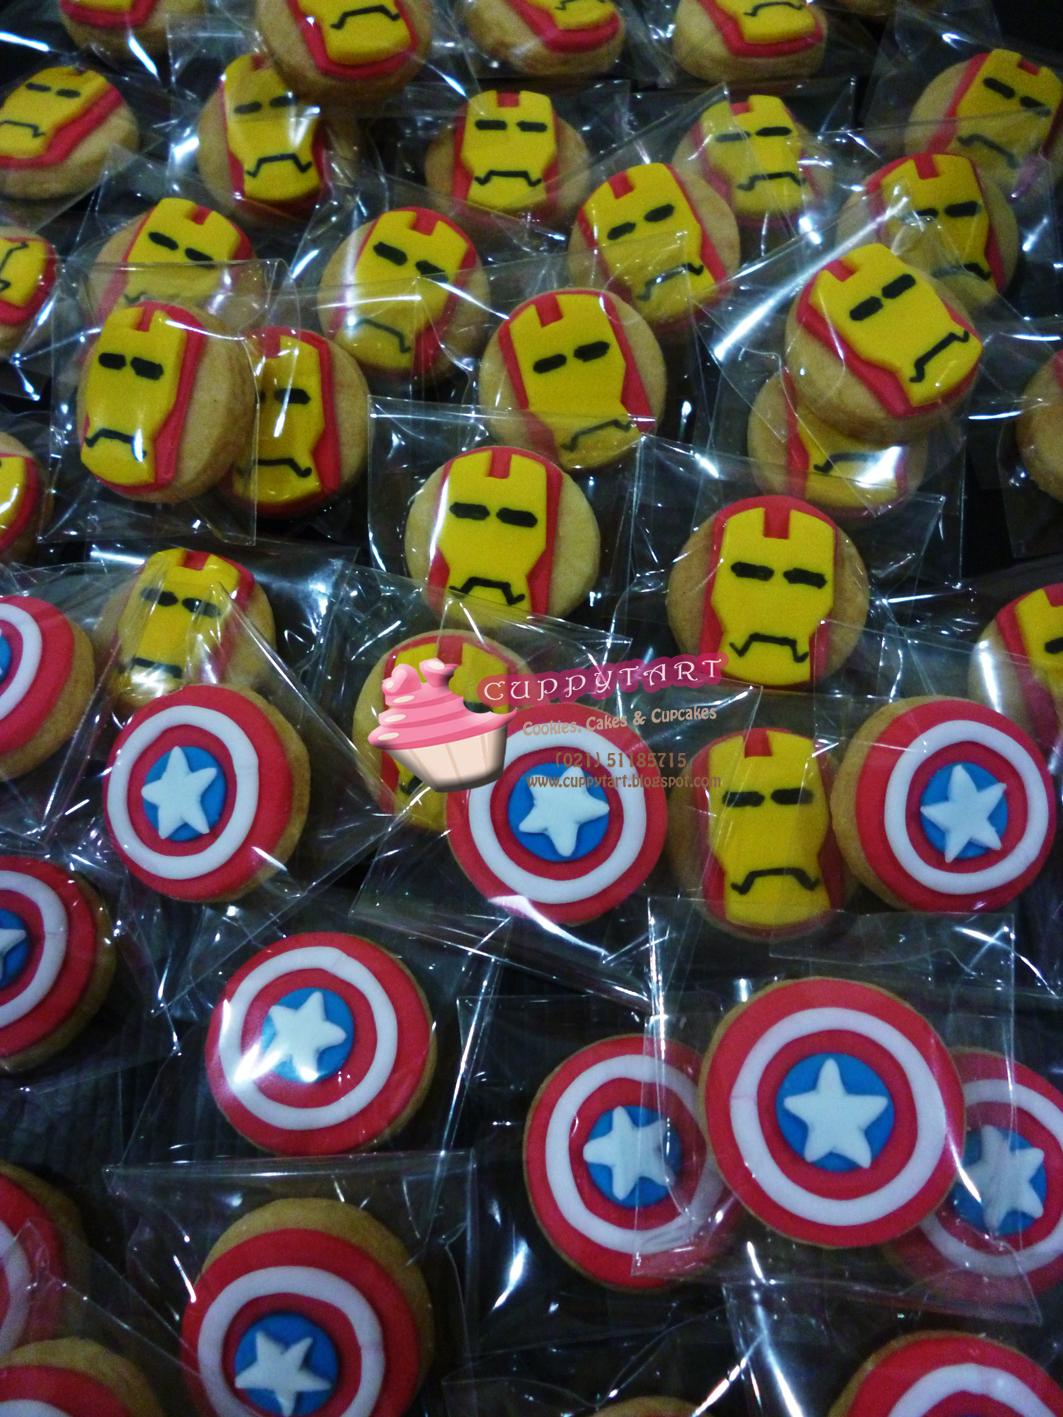 Cuppytart The Avengers Cookies